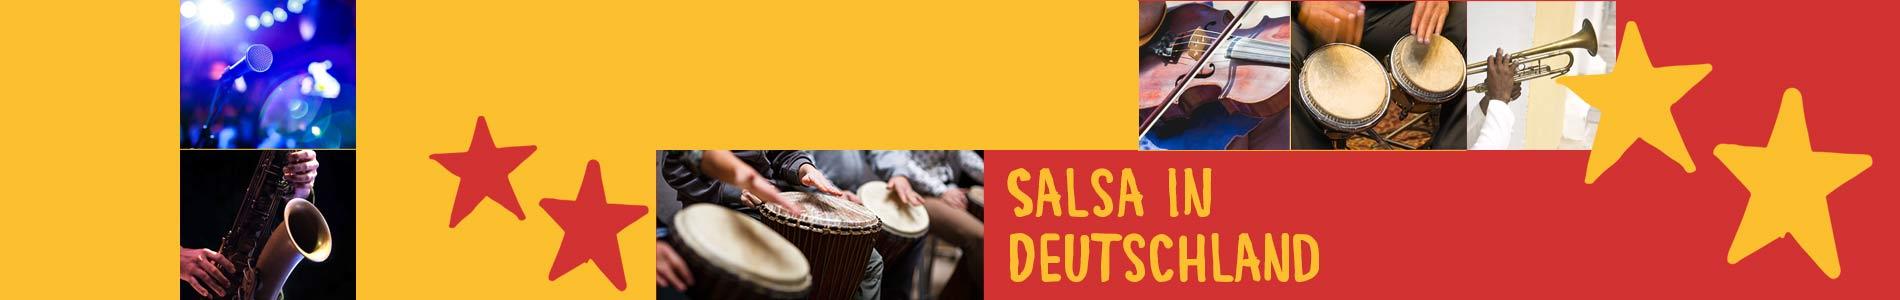 Salsa in Borsdorf – Salsa lernen und tanzen, Tanzkurse, Partys, Veranstaltungen